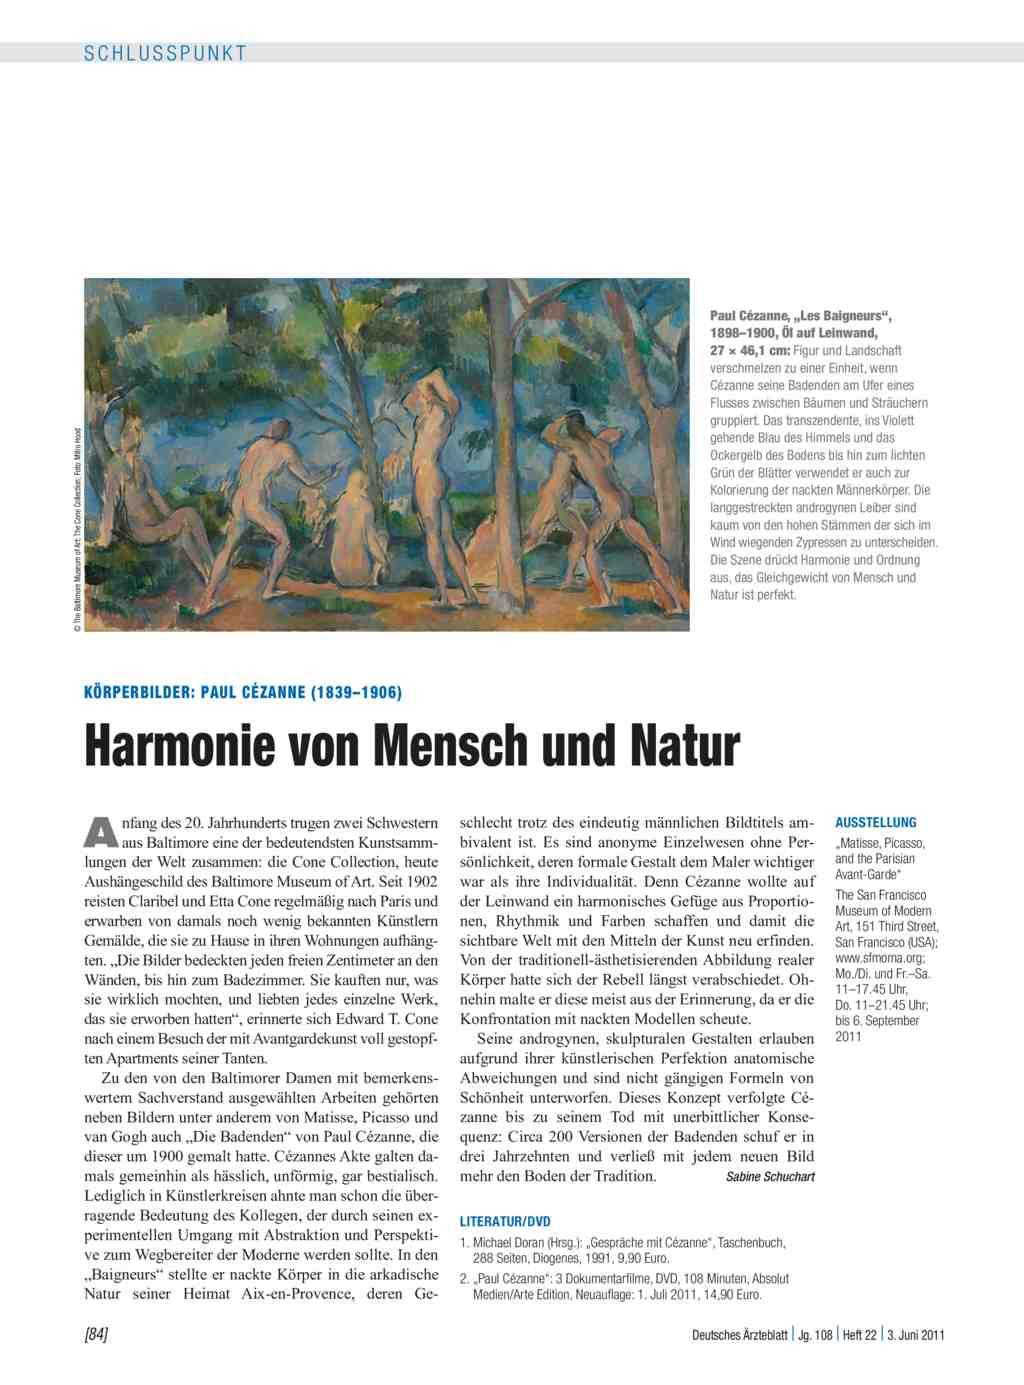 Körperbilder: Paul Cézanne (1839–1906) – Harmonie von Mensch und Natur